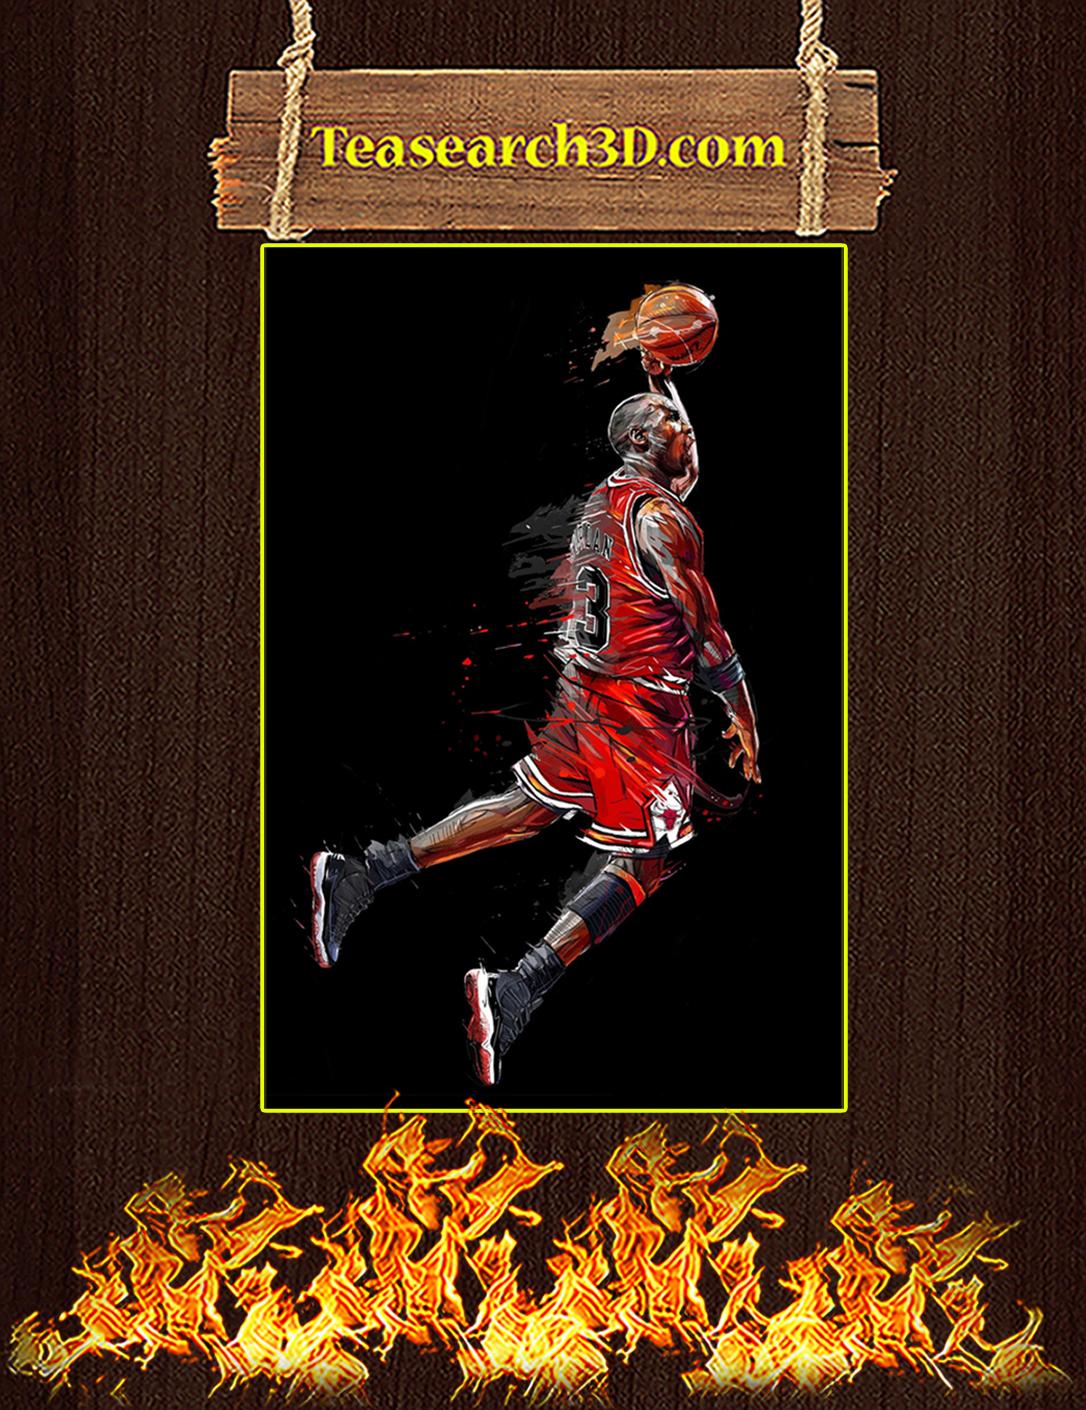 Michael Jordan air legend canvas prints medium